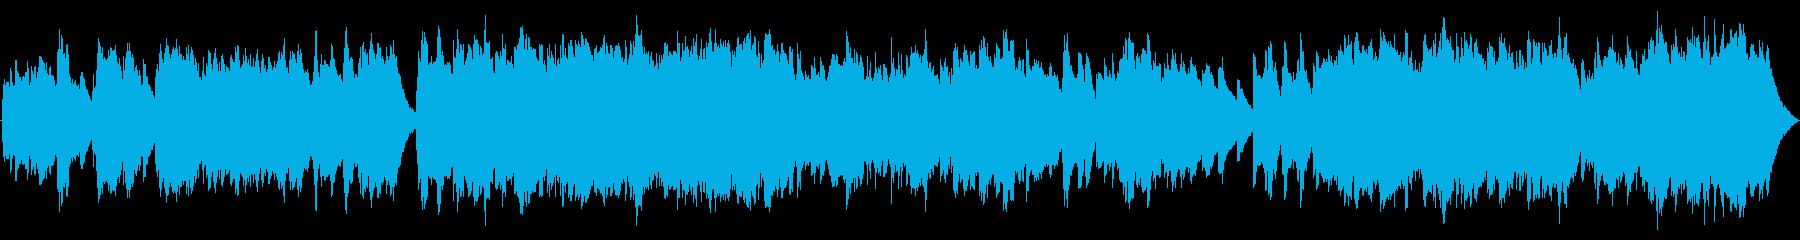 交響曲7提示部/ベートーベン・オルゴールの再生済みの波形